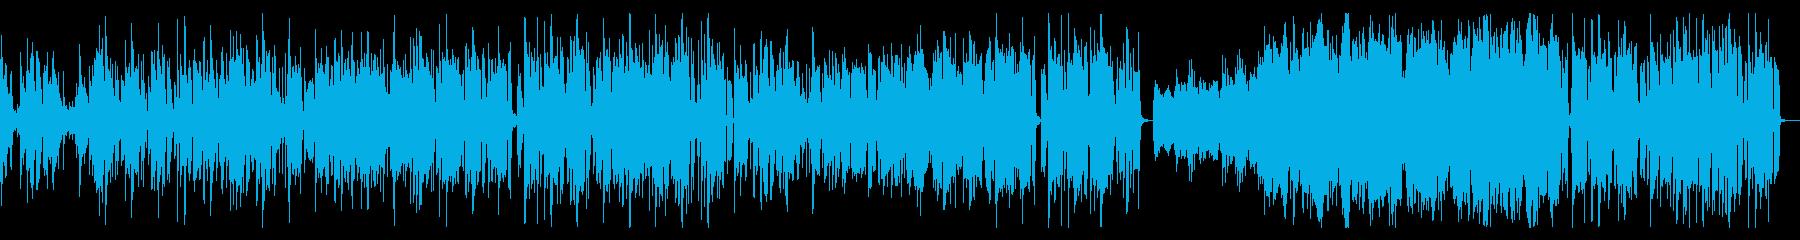 シンセとビートが絡み合うお洒落なポップスの再生済みの波形